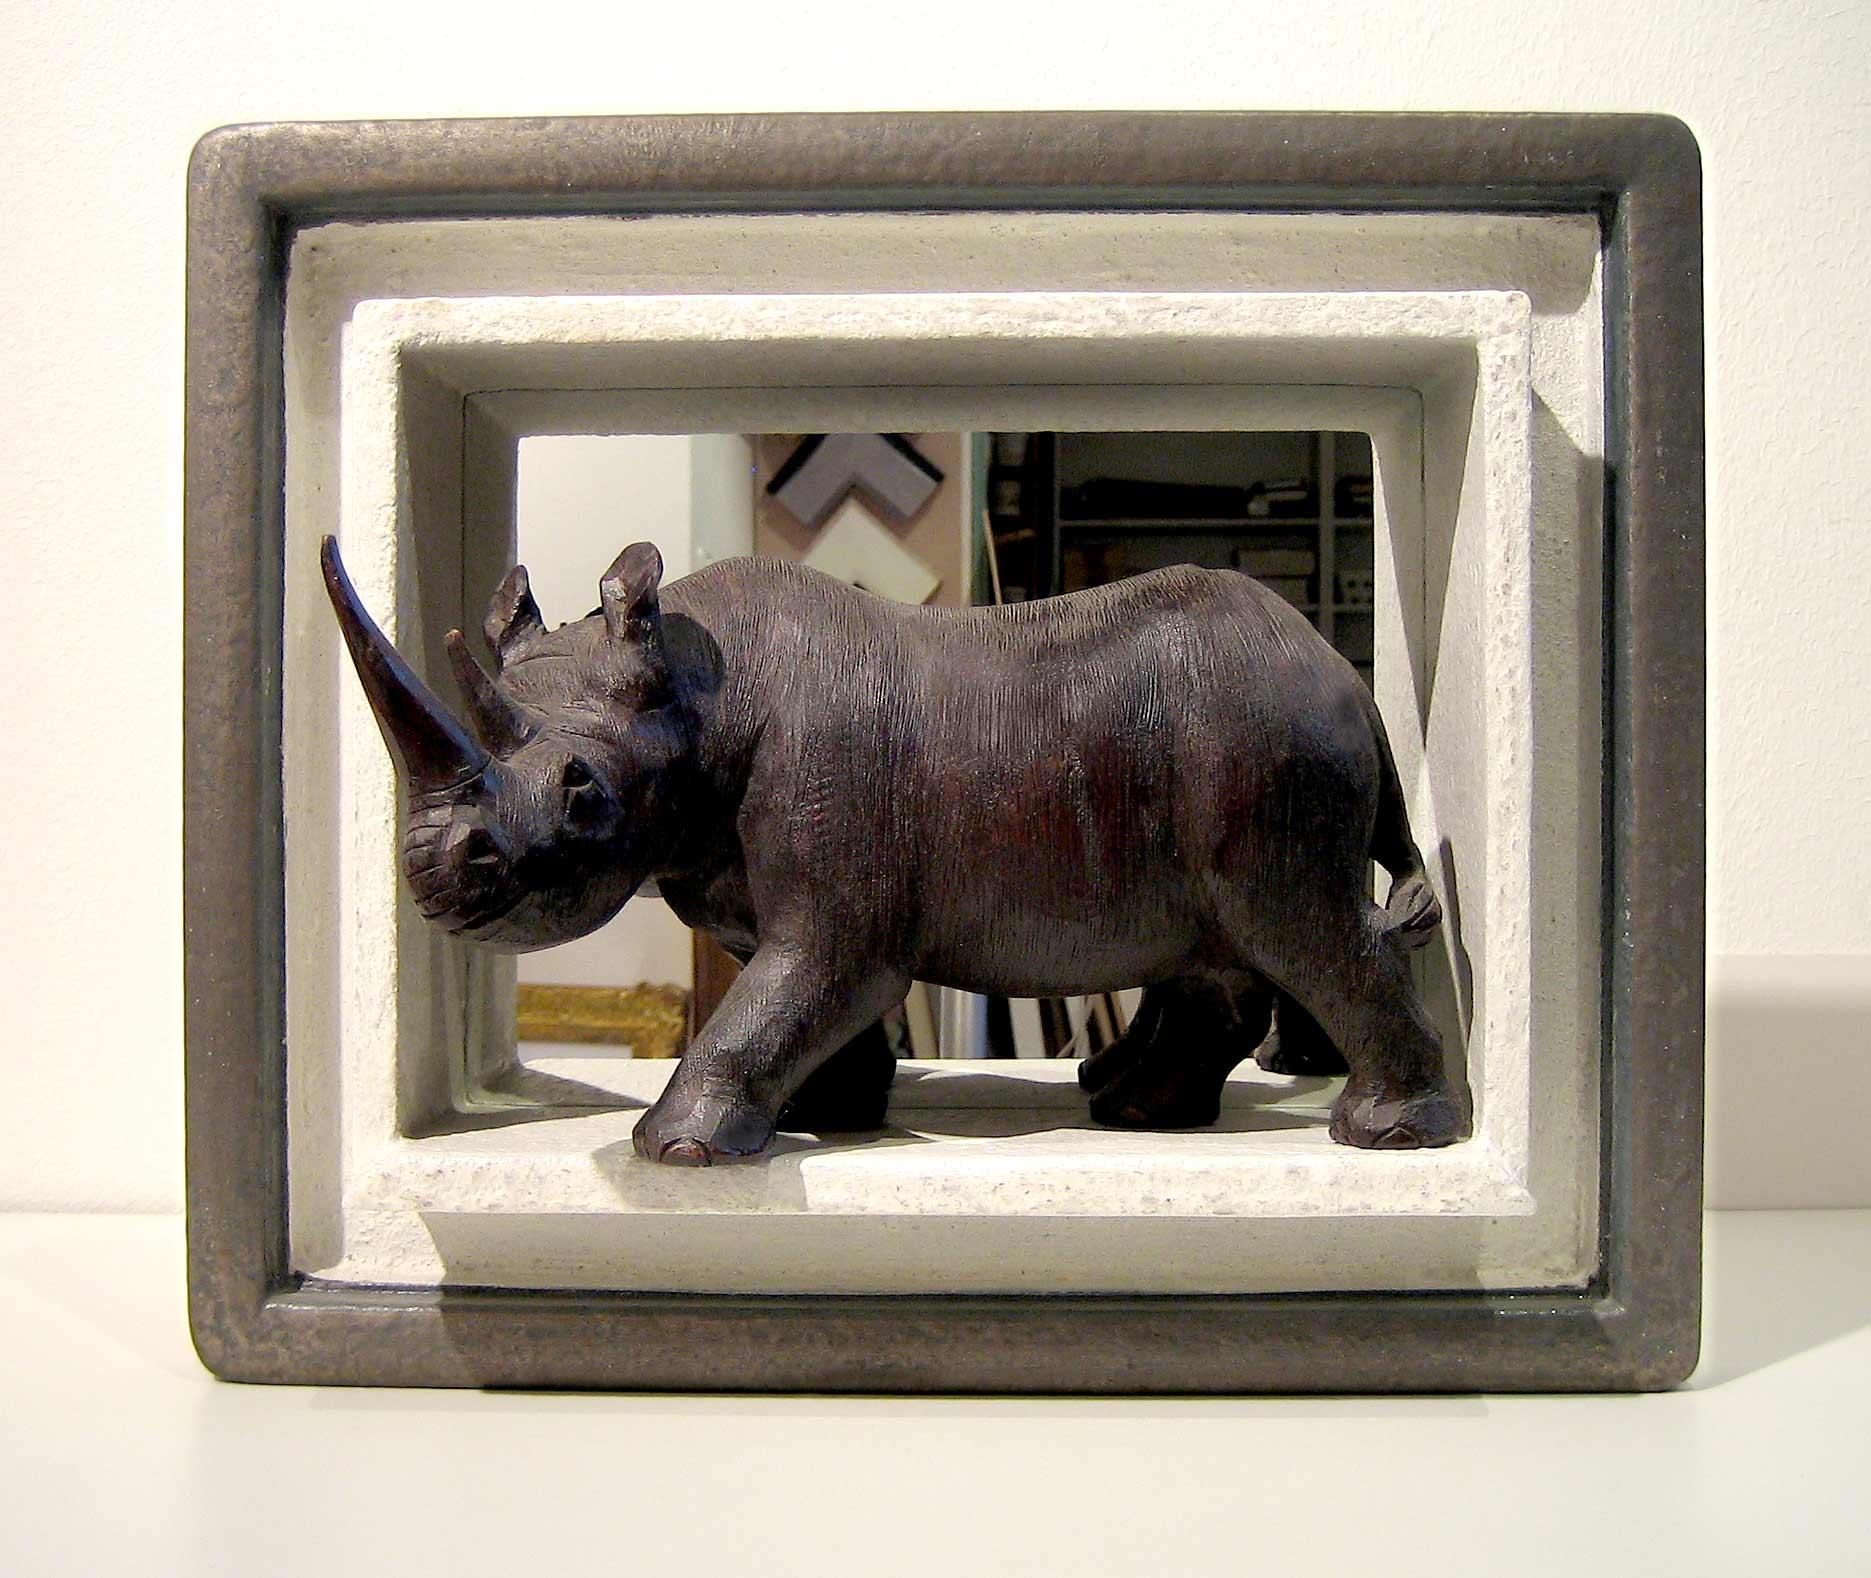 Objektrahmen - Nashorn in Obektrahmen mit Spiegel